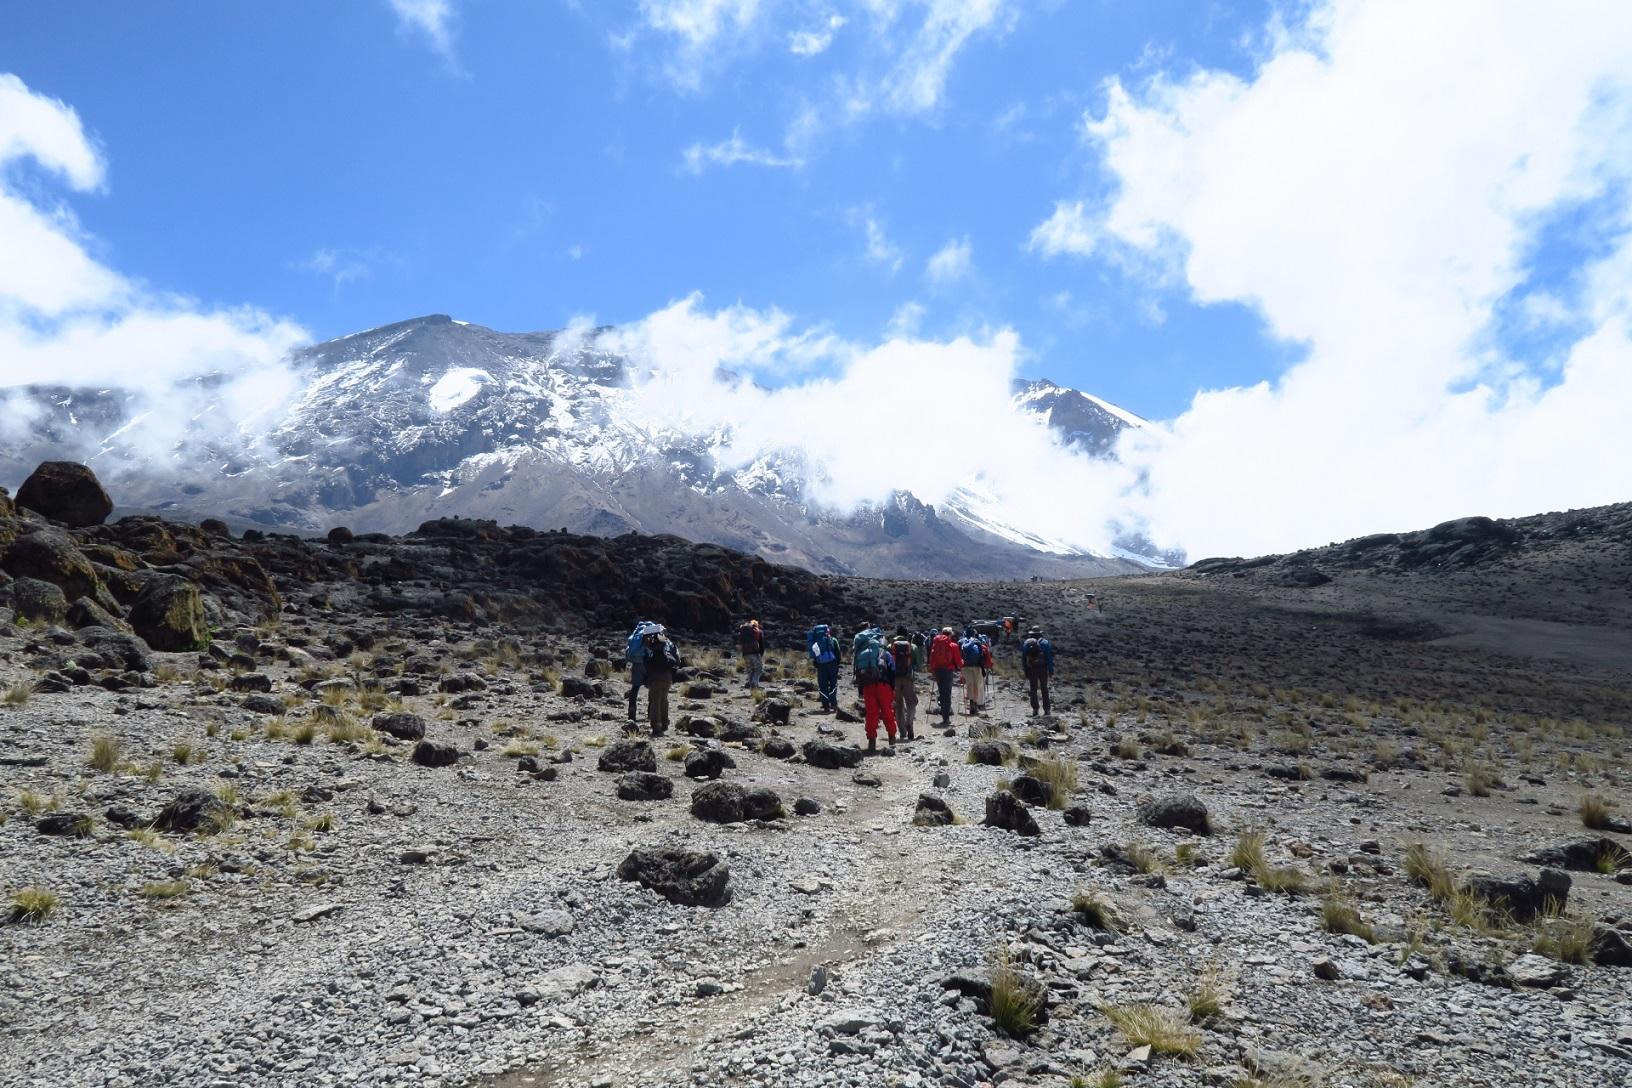 アコンカグア登山に挑戦!南米最高峰から眺める景色は絶景!難易度や服装は?